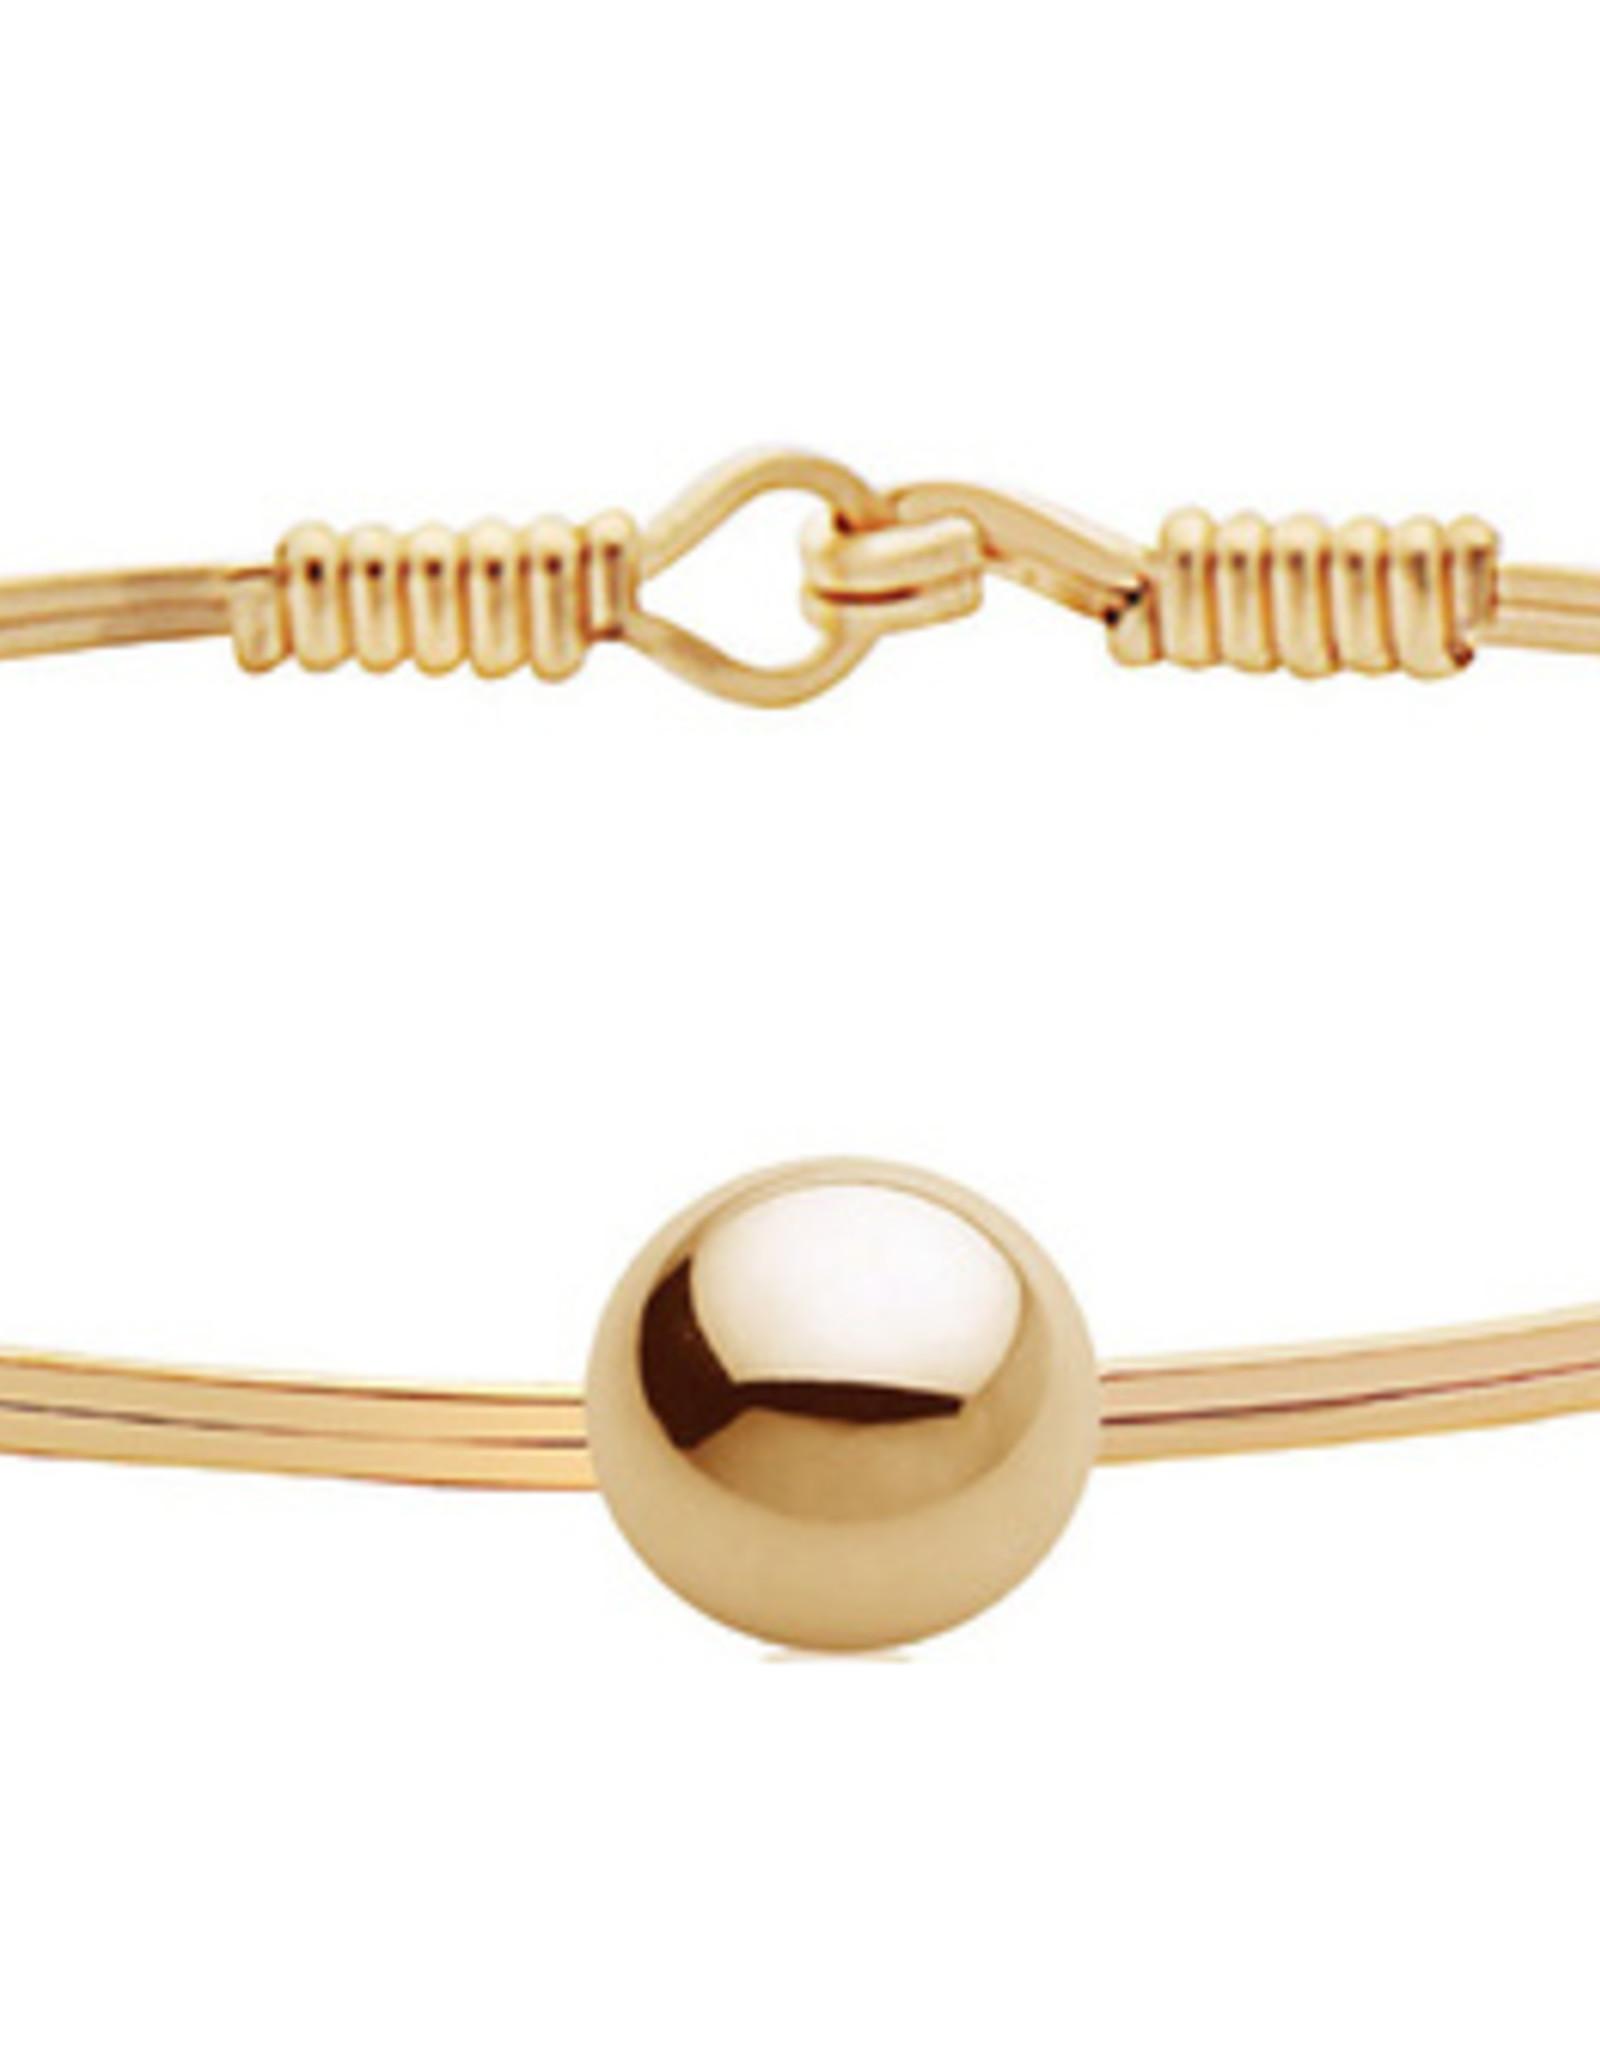 Ronaldo Ronaldo You are Chosen Gold Bracelet